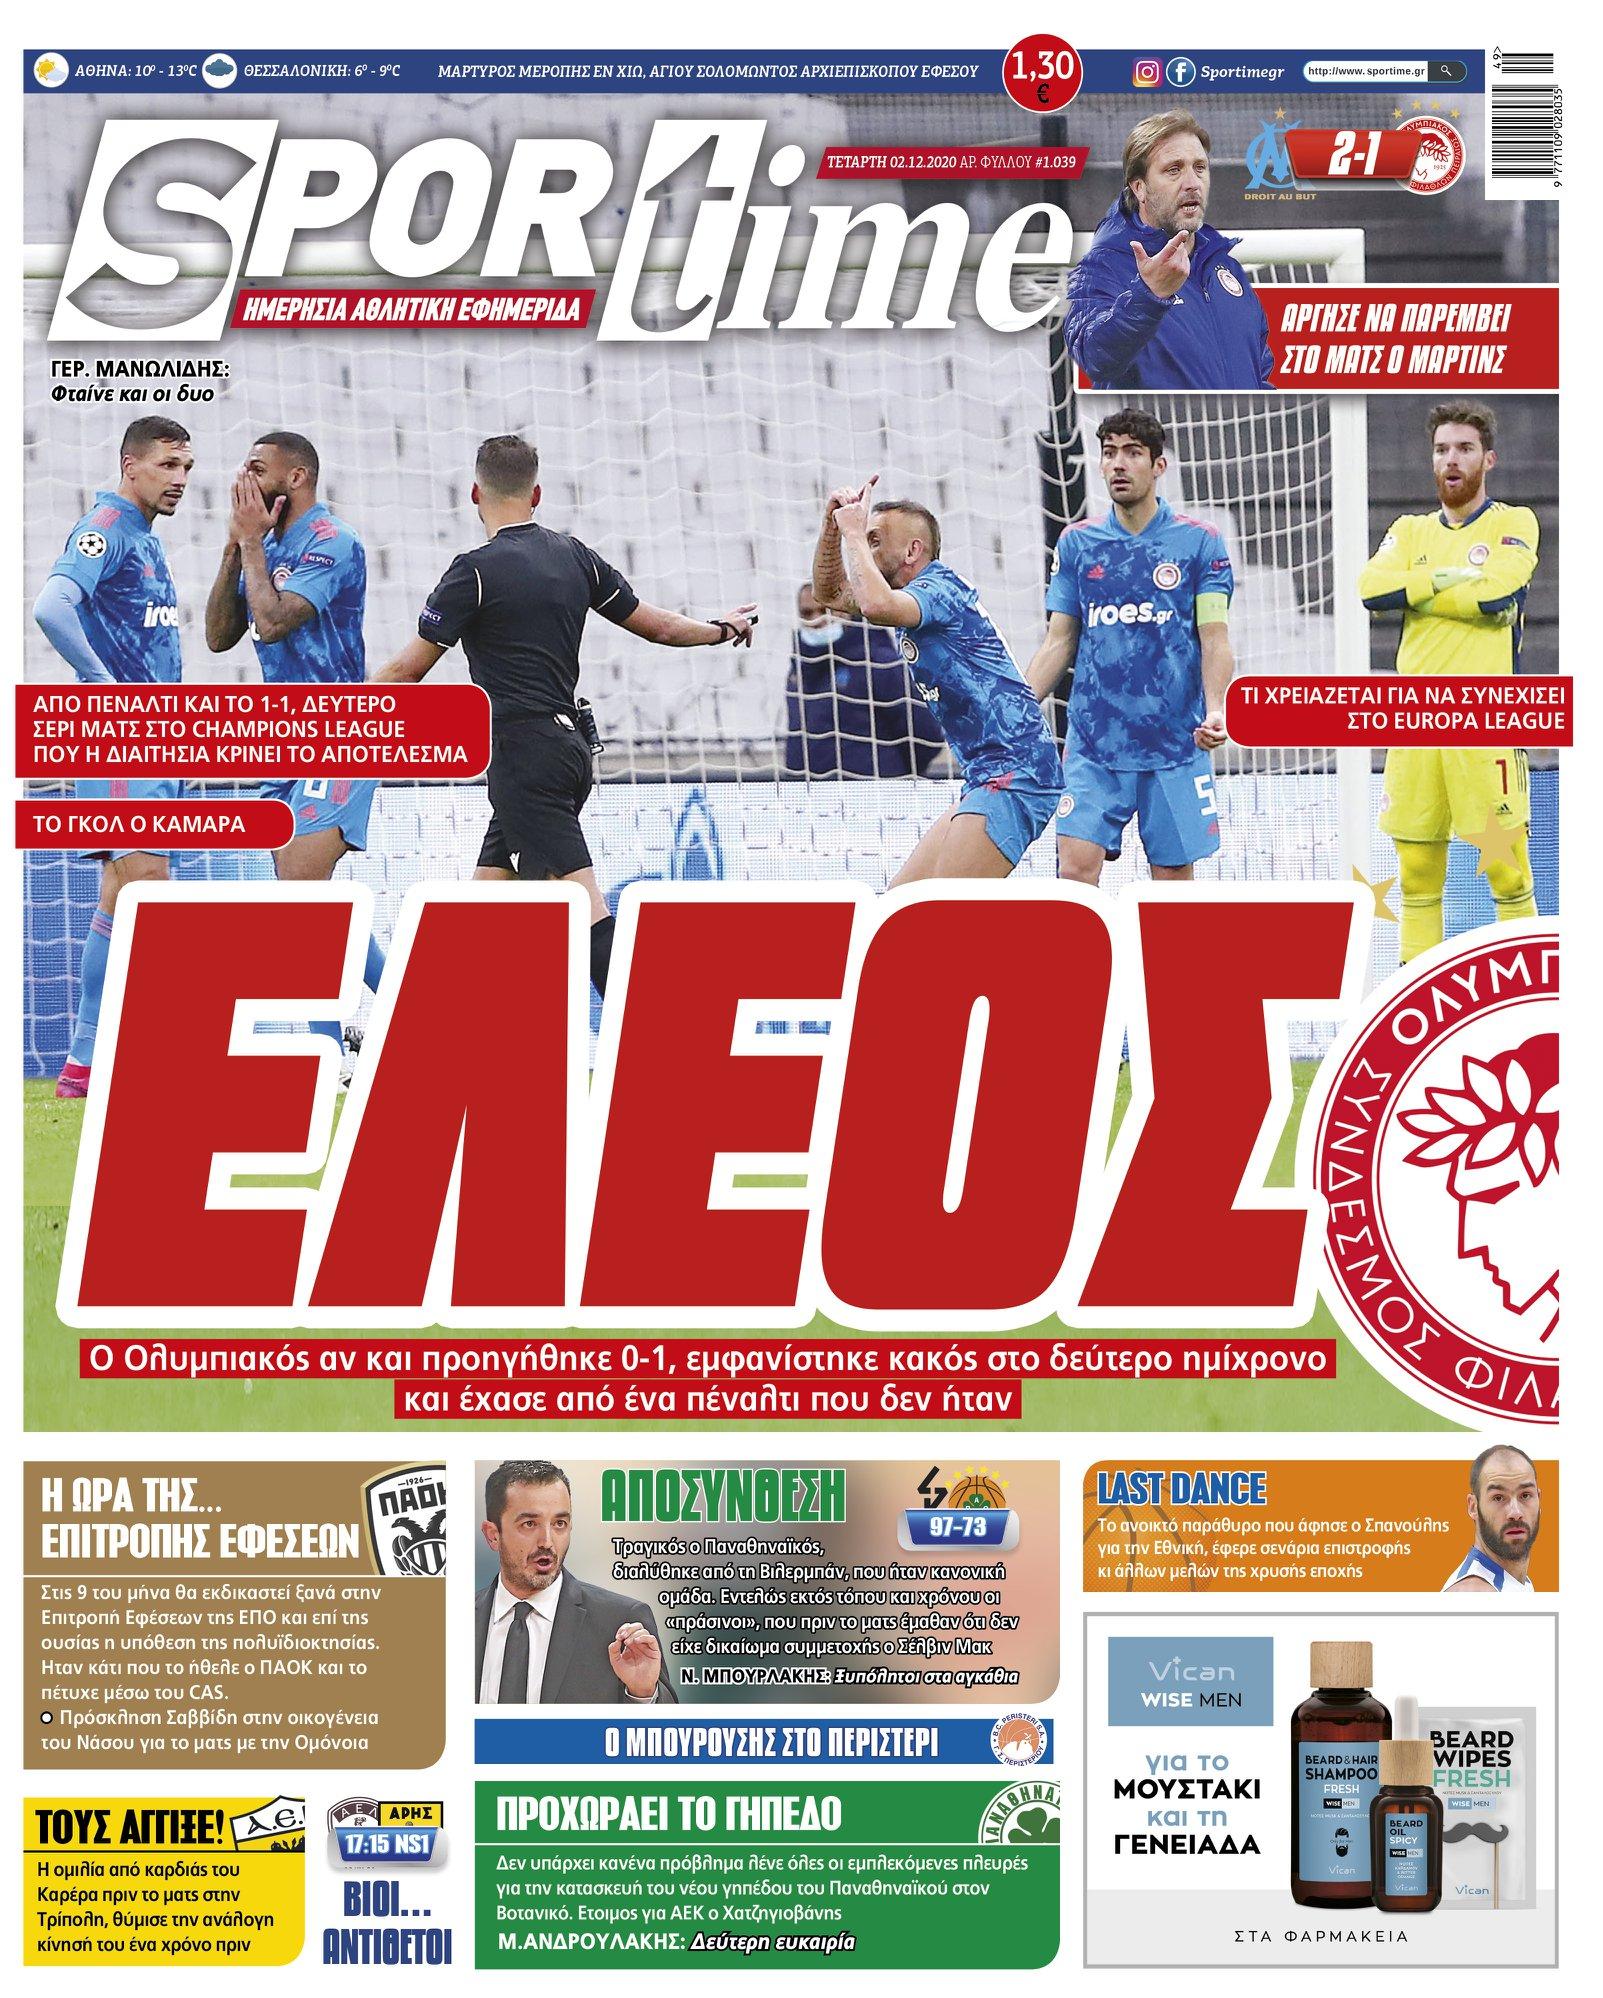 Εφημερίδα SPORTIME - Εξώφυλλο φύλλου 02/12/2020